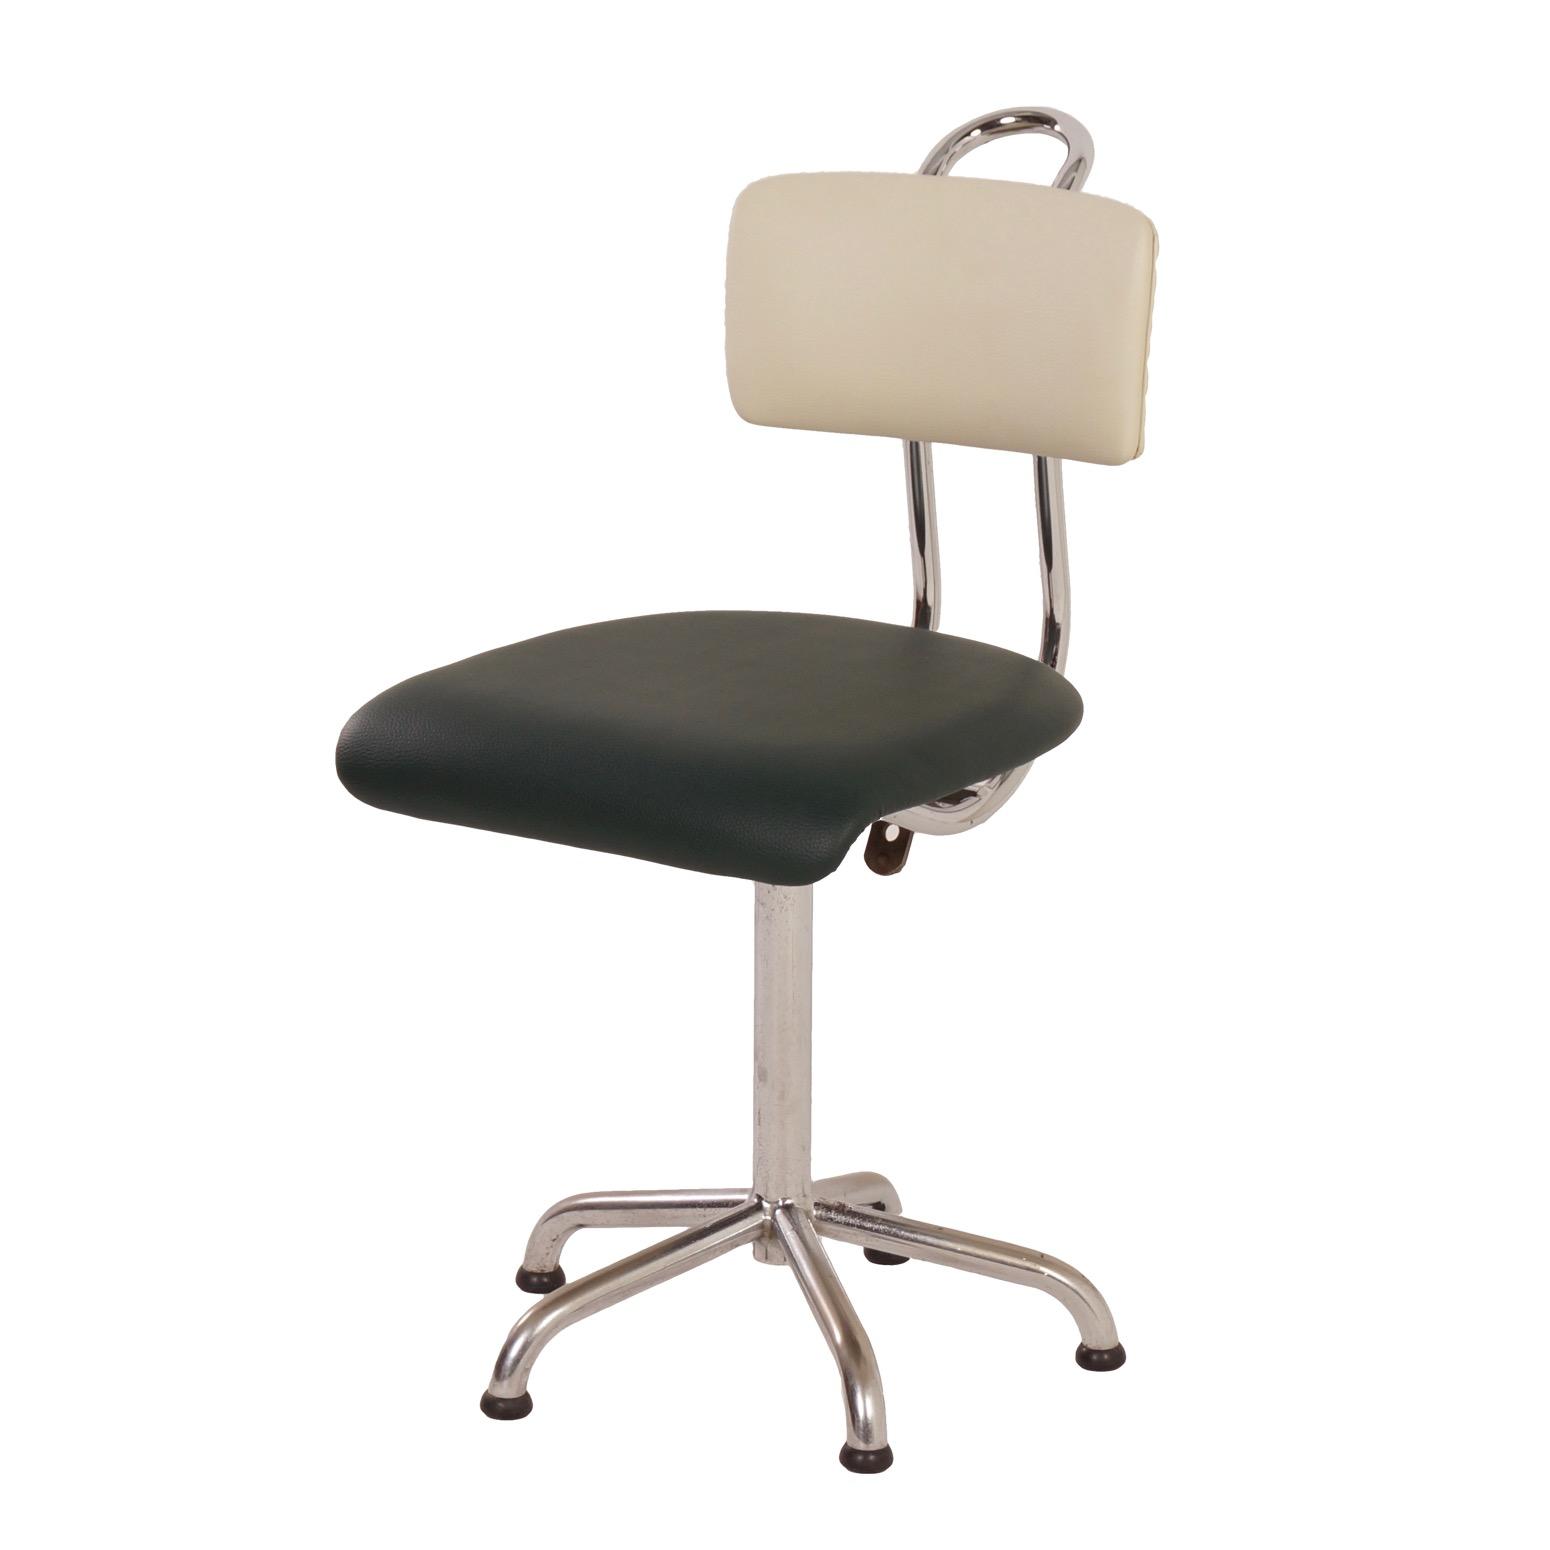 Fantastic Adjustable Office Chair By Toon De Wit For De Wit 1950S Spiritservingveterans Wood Chair Design Ideas Spiritservingveteransorg